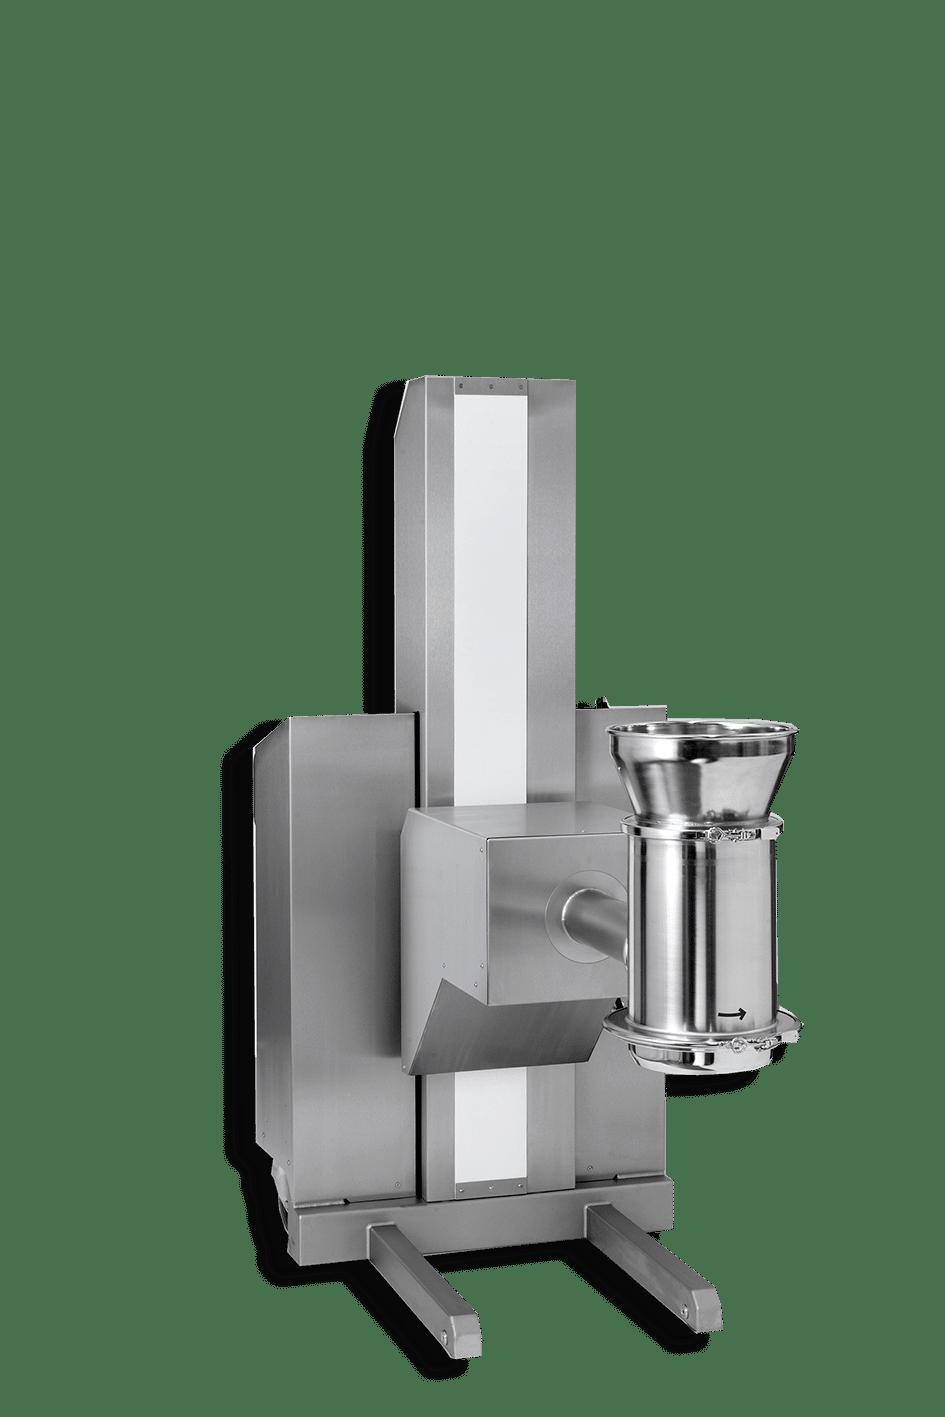 """Просеивающая система: Турбосито BTS компании """"Bohle"""" используется для калибровки размера частиц сухих или влажных продуктов, гарантируя тем самым оптимальное распределение размера частиц"""